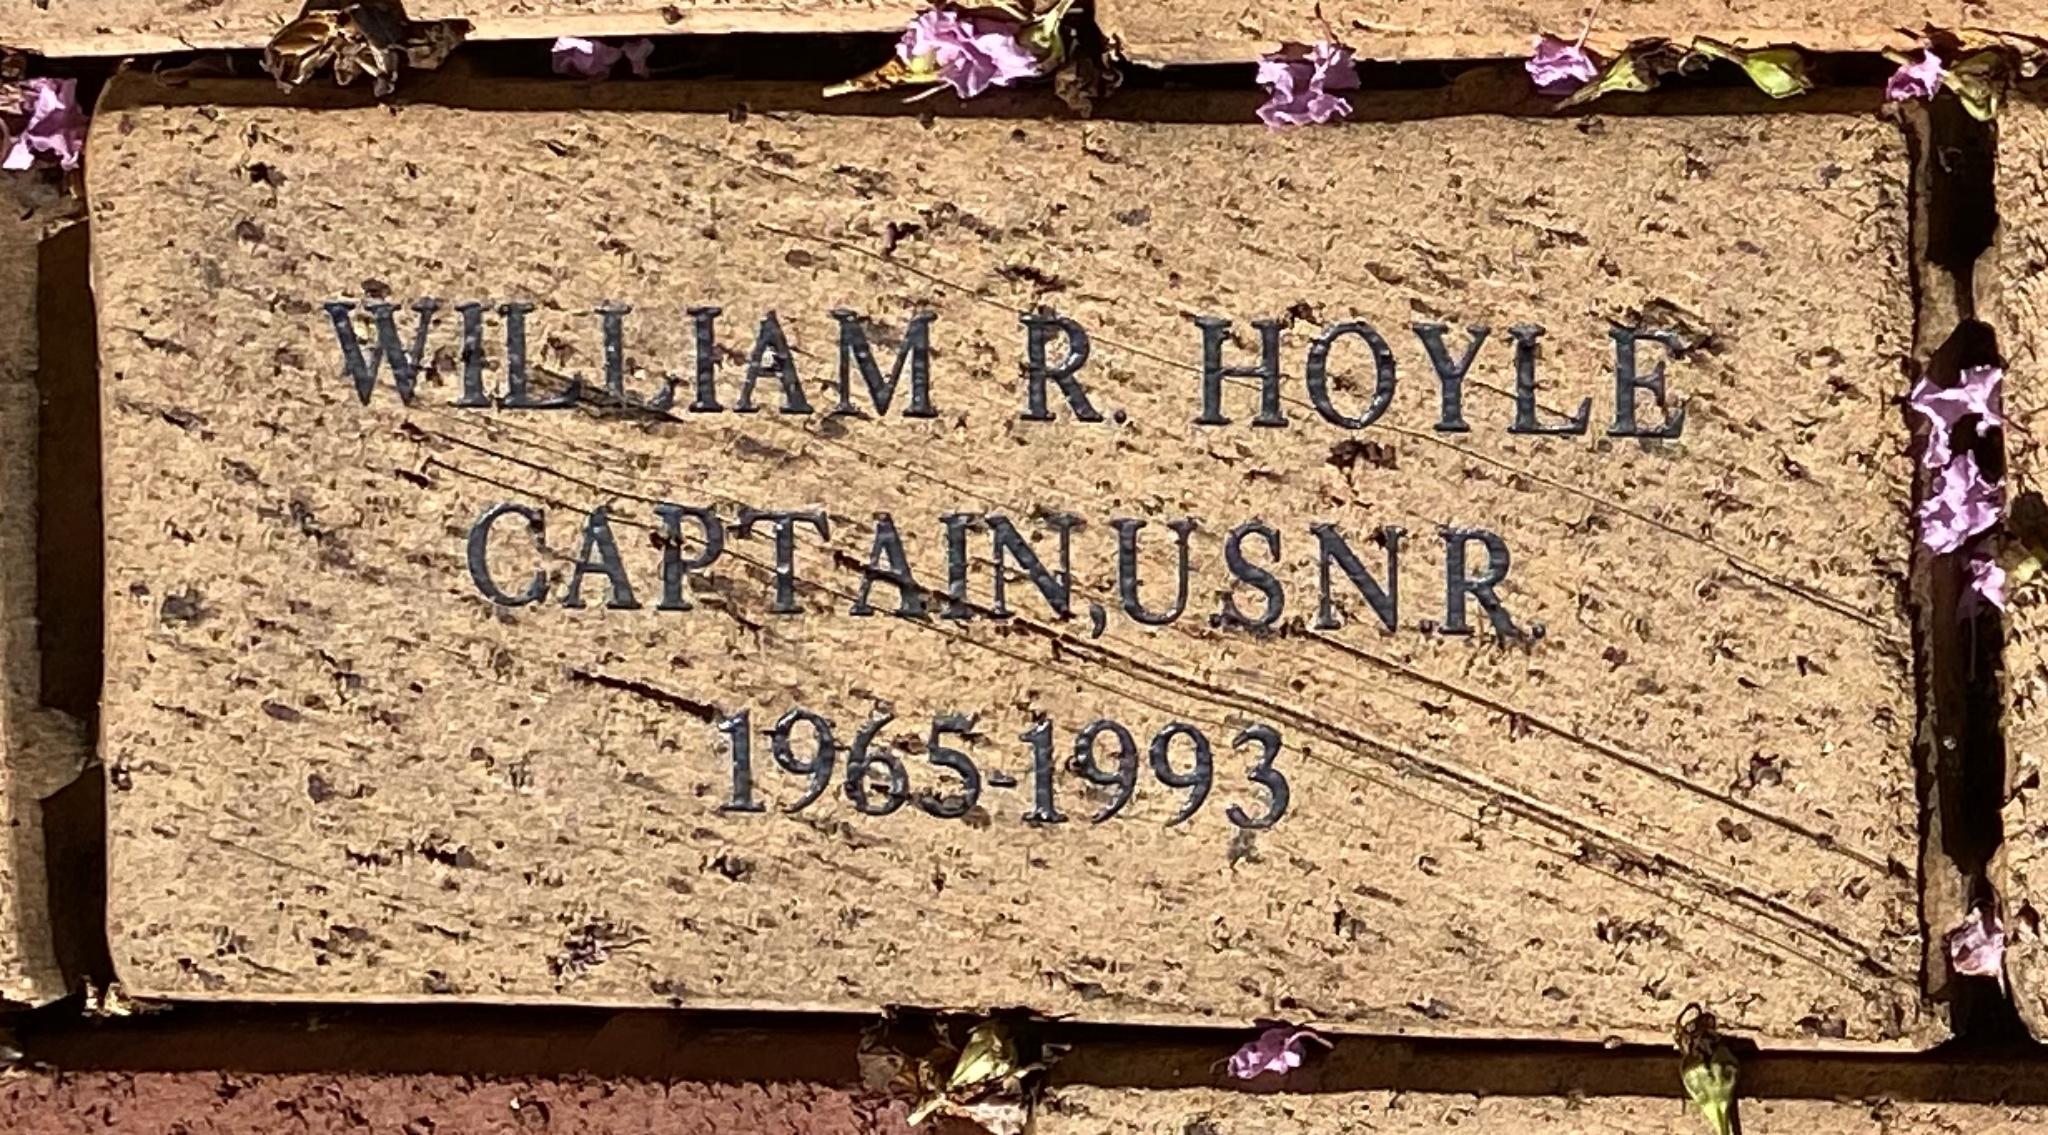 WILLIAM R. HOYLE CAPTAIN, U.S.N.R. 1965-1993